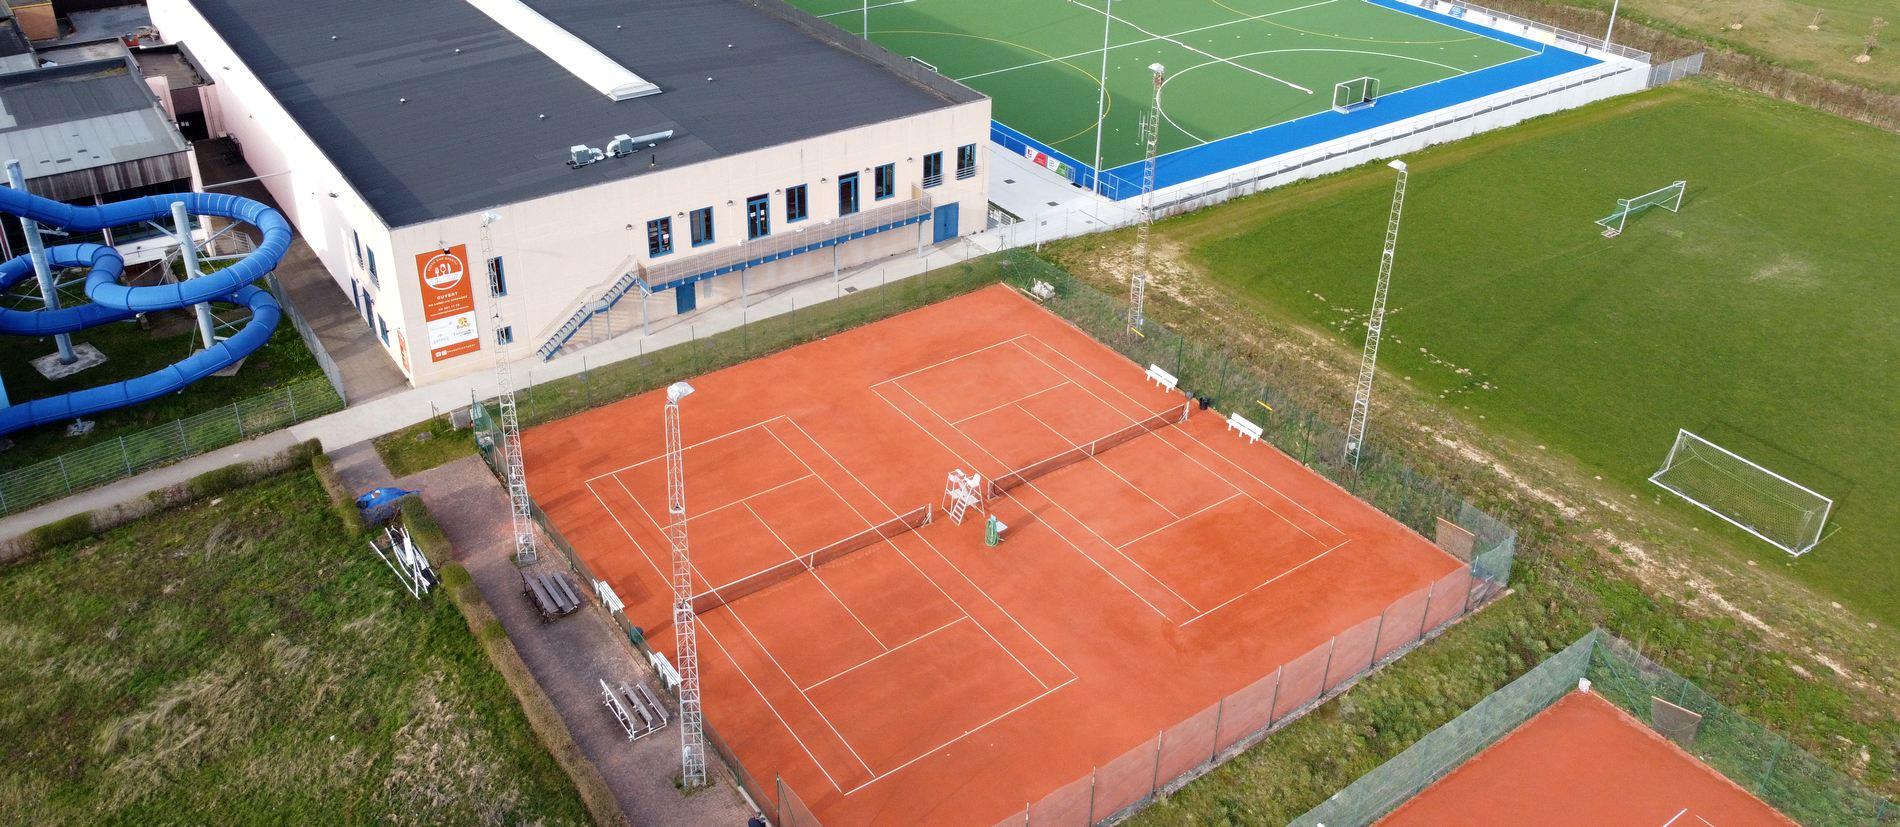 Tournoi amical Tennis Enghien